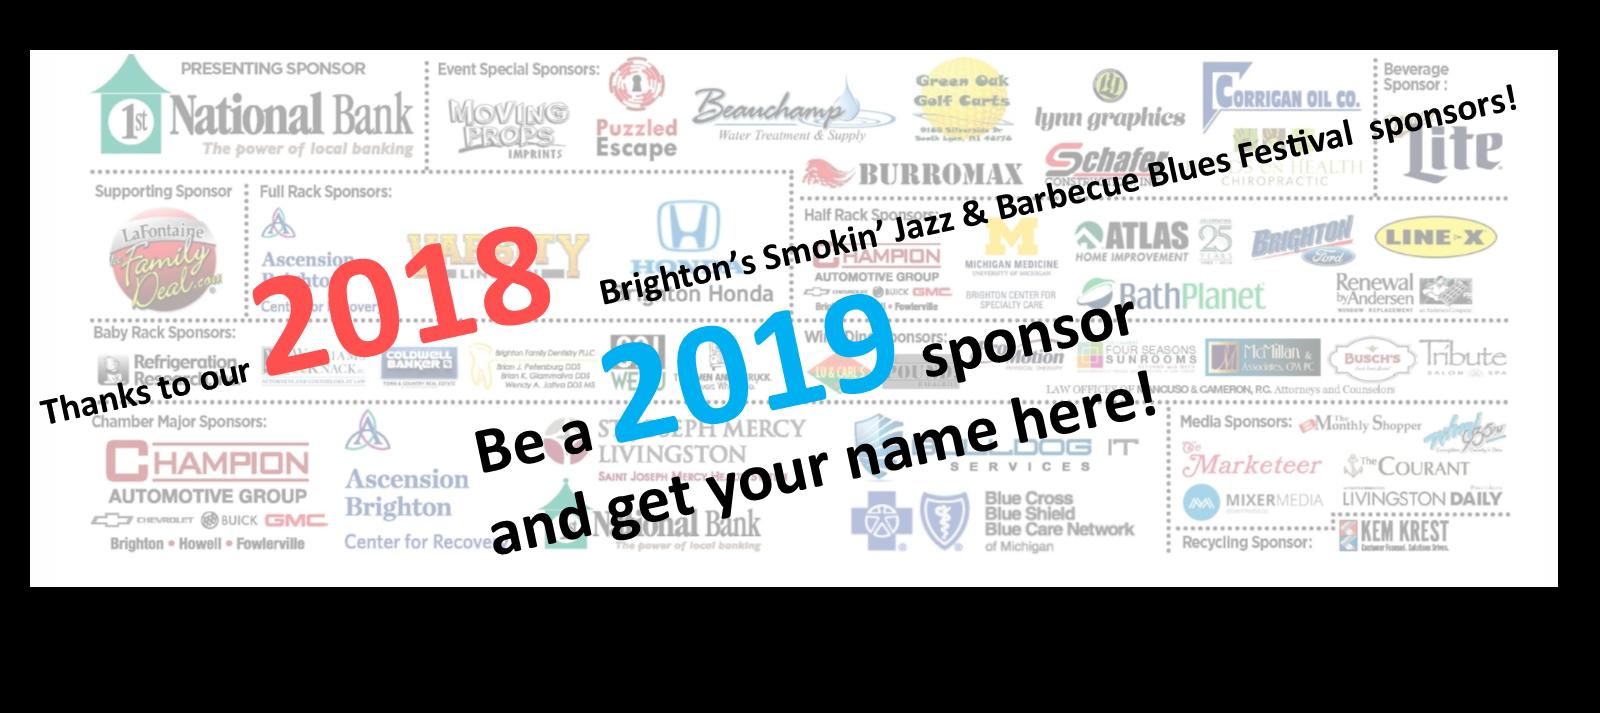 2018-Smokin_Jazz_sponsor-band-w1900.jpg